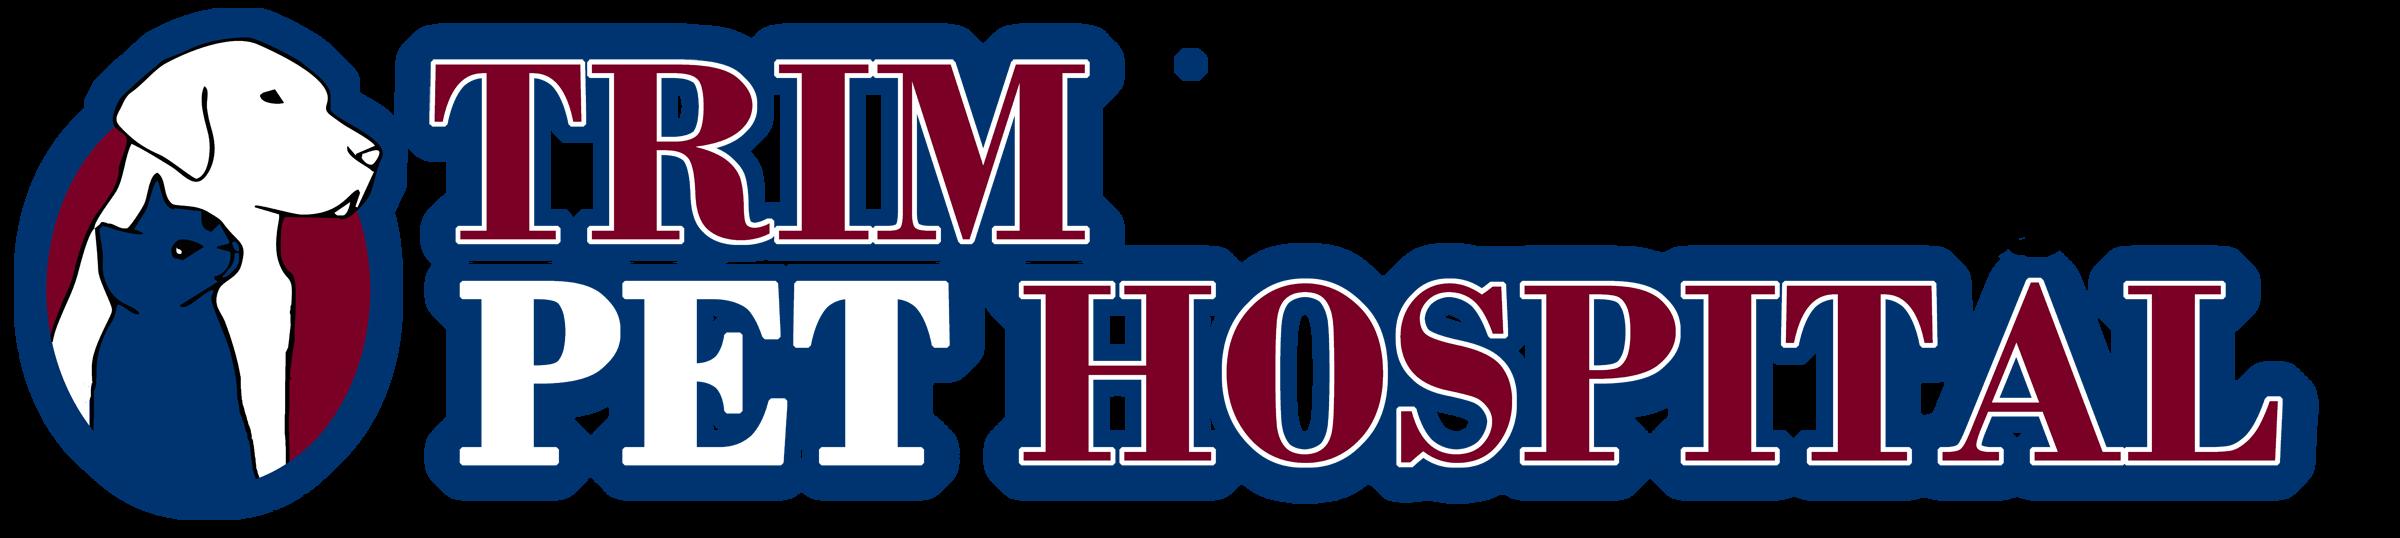 Trim Pet Hospital